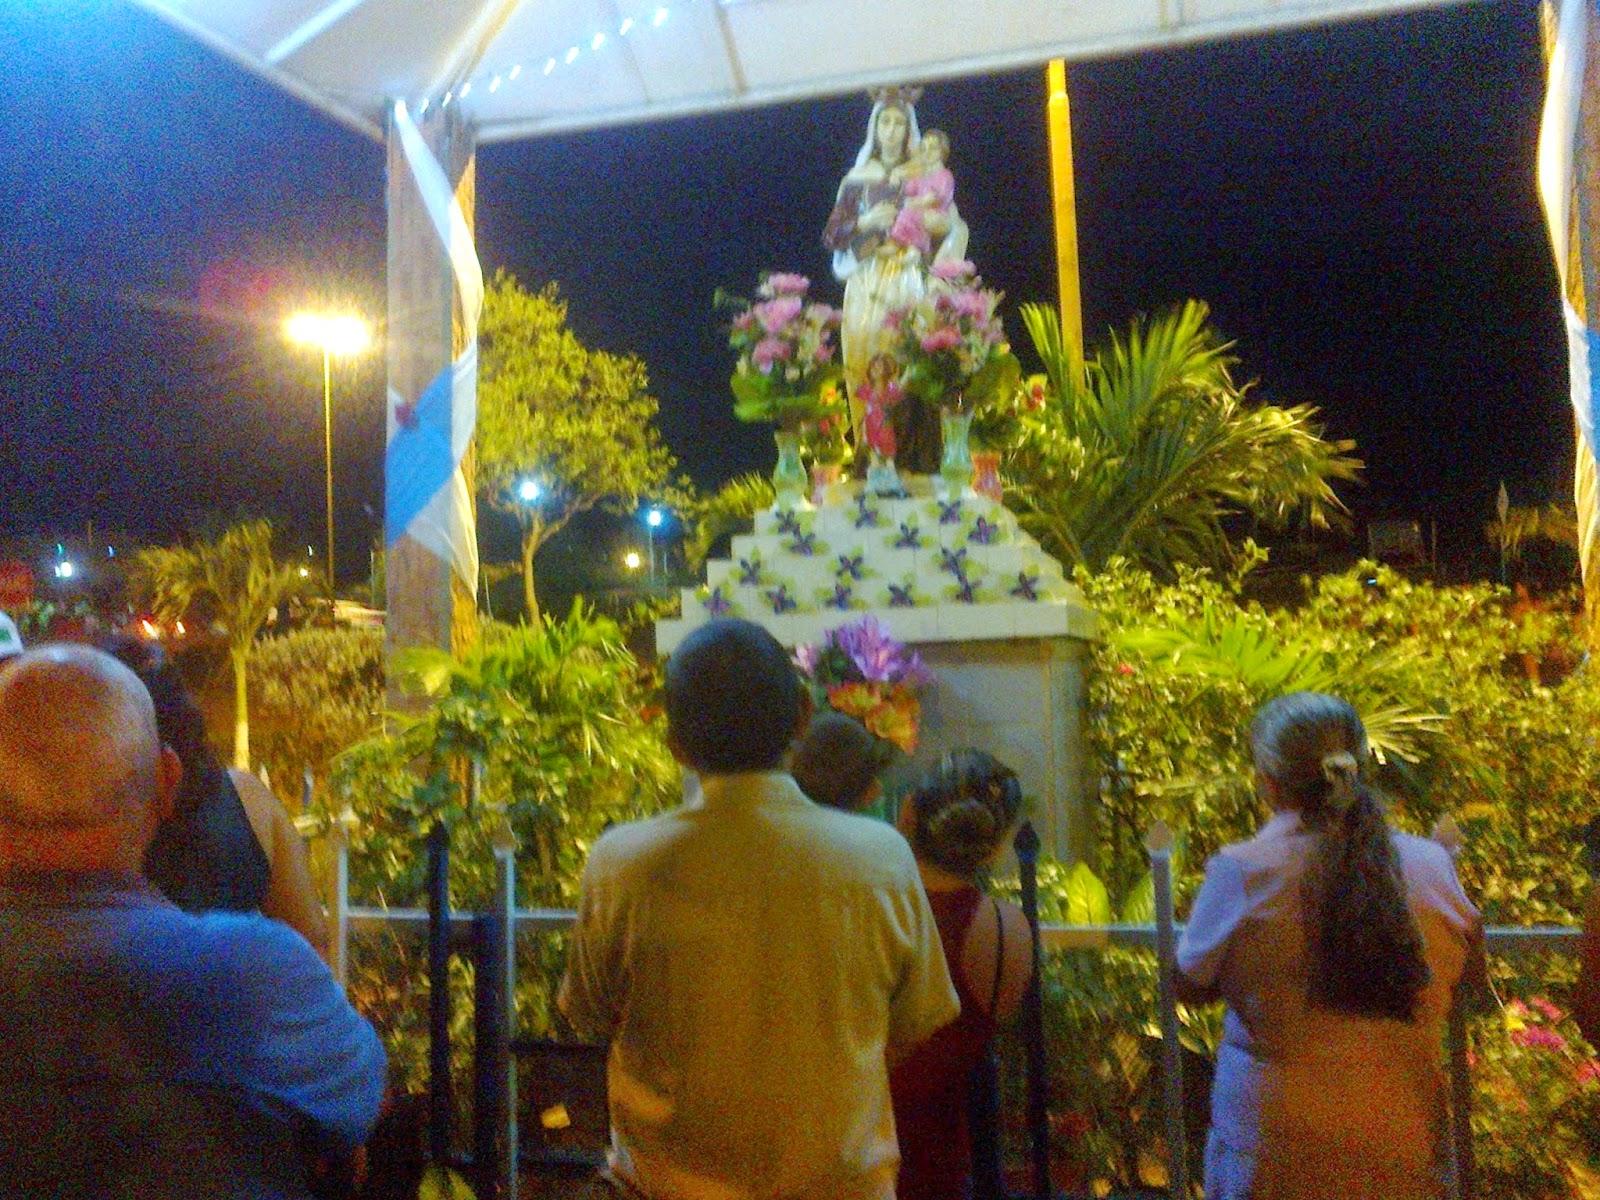 Con fe y alegría católicos de Comuneros-Cúcuta celebran alborada a la Virgen del Carmen #MovilNOTICIAS #OngAE #FelixNOTICIAS